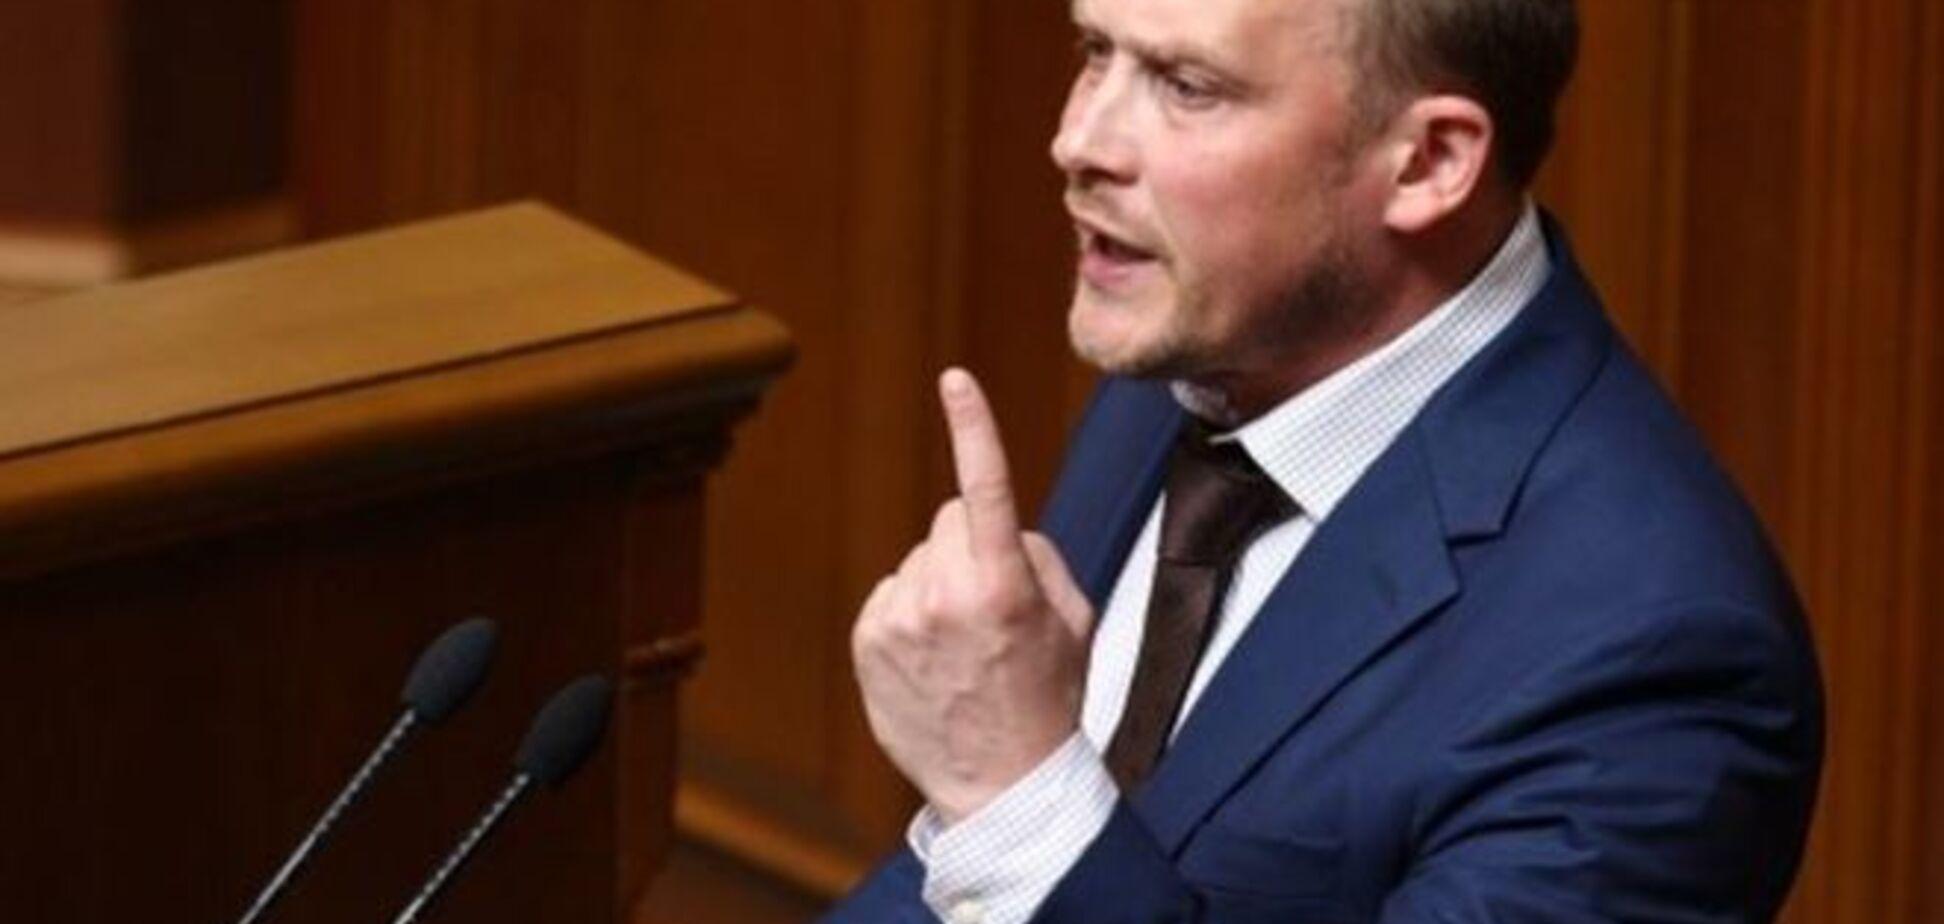 Каплин: Пашинский угрожал мне расправой за критику Яценюка